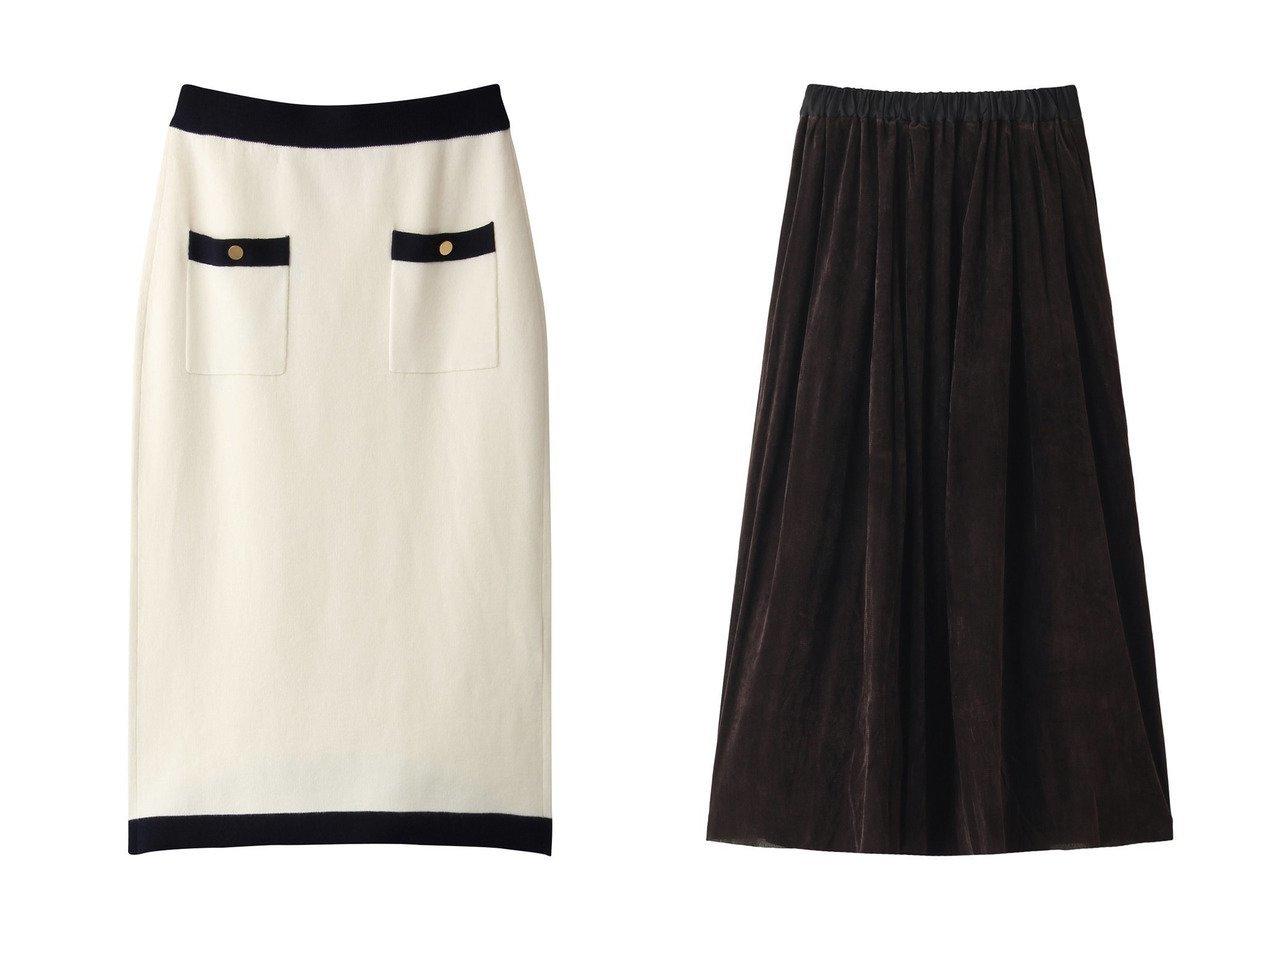 【martinique/マルティニーク】のゴールドボタンニットスカート&【mizuiro ind/ミズイロ インド】のパイルフロッキーフレアスカート スカートのおすすめ!人気トレンド・レディースファッションの通販 おすすめで人気のファッション通販商品 インテリア・家具・キッズファッション・メンズファッション・レディースファッション・服の通販 founy(ファニー) https://founy.com/ ファッション Fashion レディース WOMEN スカート Skirt ロングスカート Long Skirt Aライン/フレアスカート Flared A-Line Skirts コンパクト リュクス ロング |ID:crp329100000006570